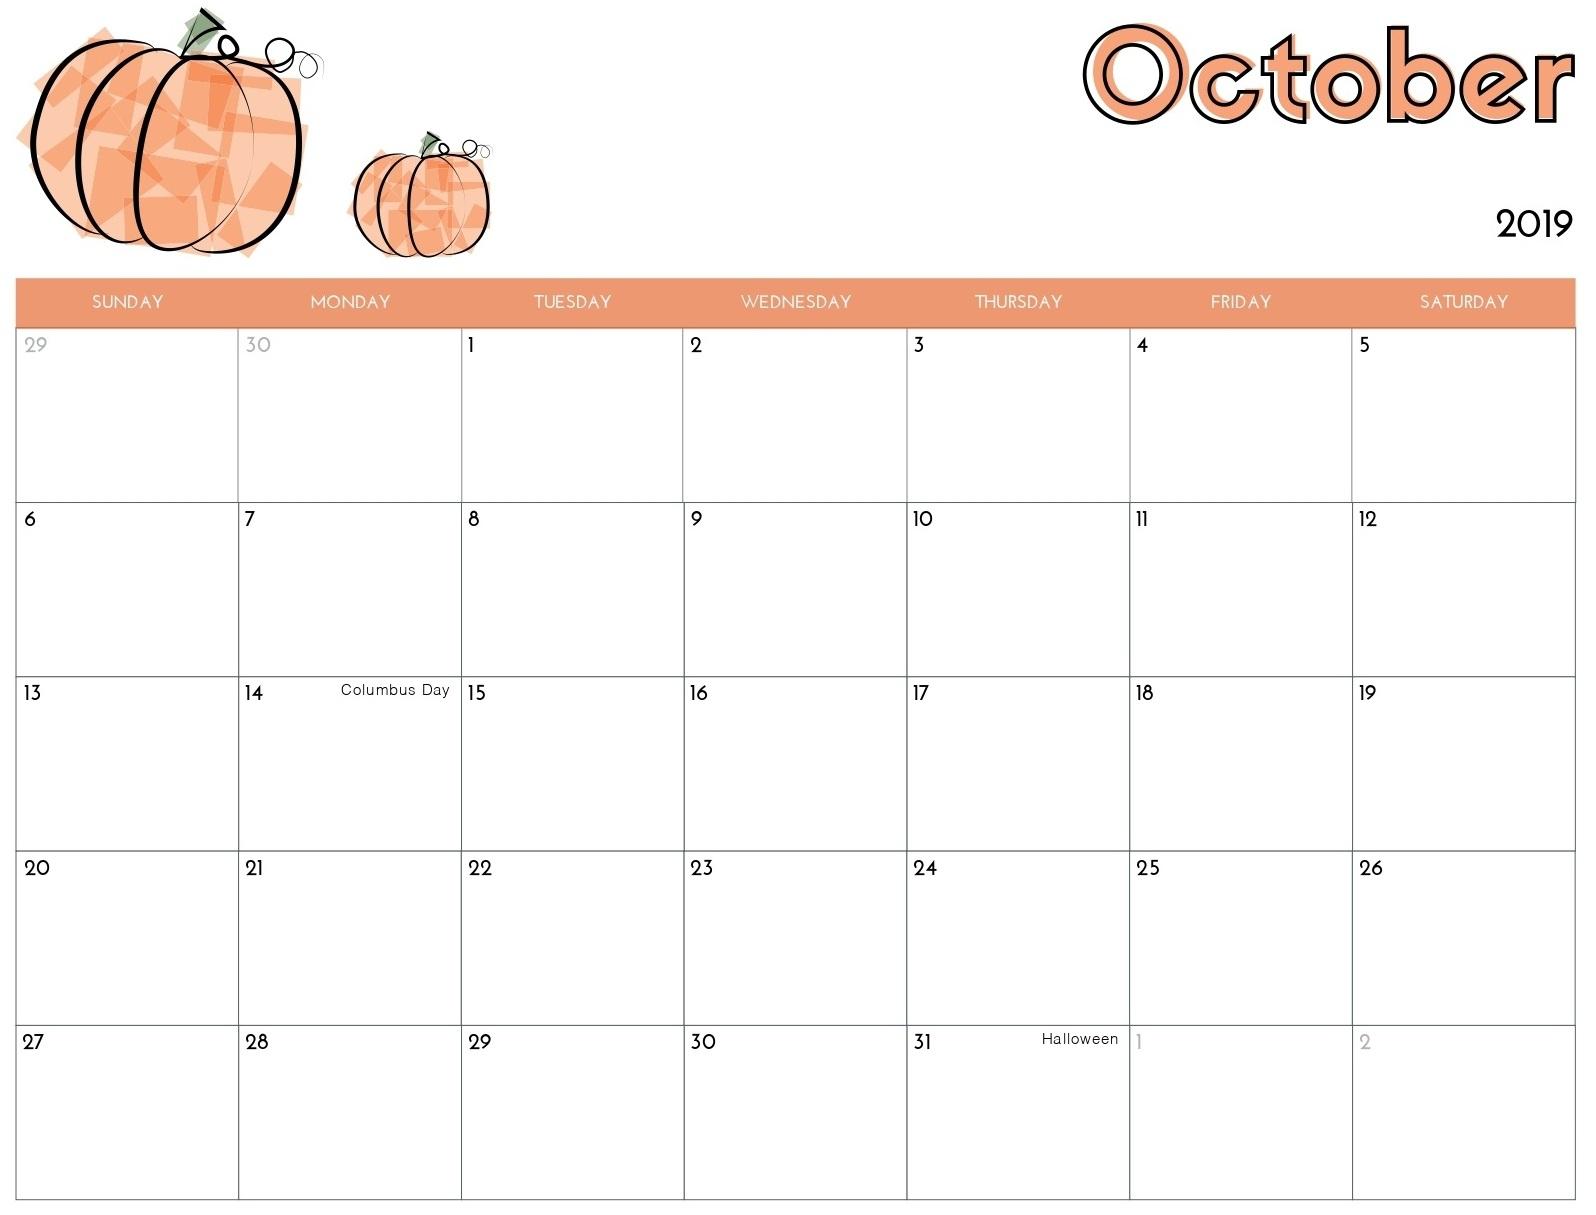 Online Calendar For October 2019 Template   Magic Calendar